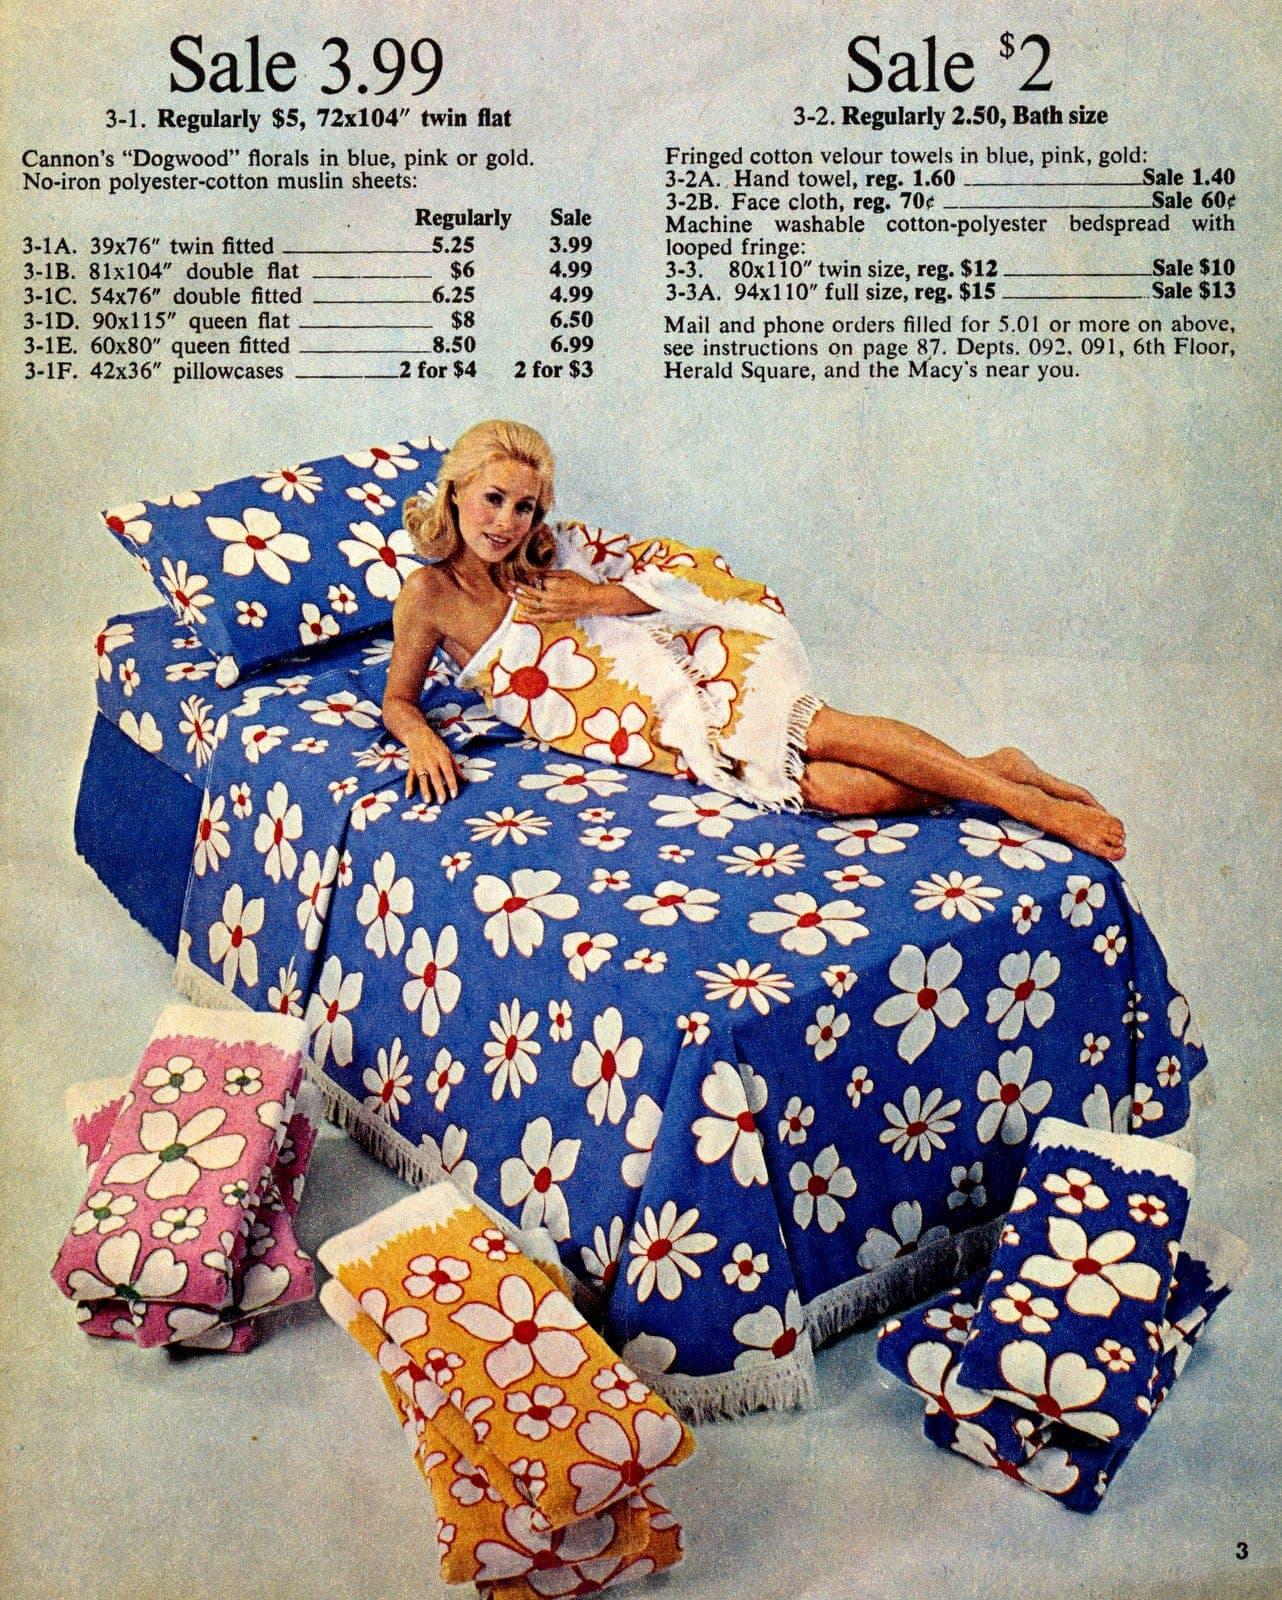 Vintage floral sheets